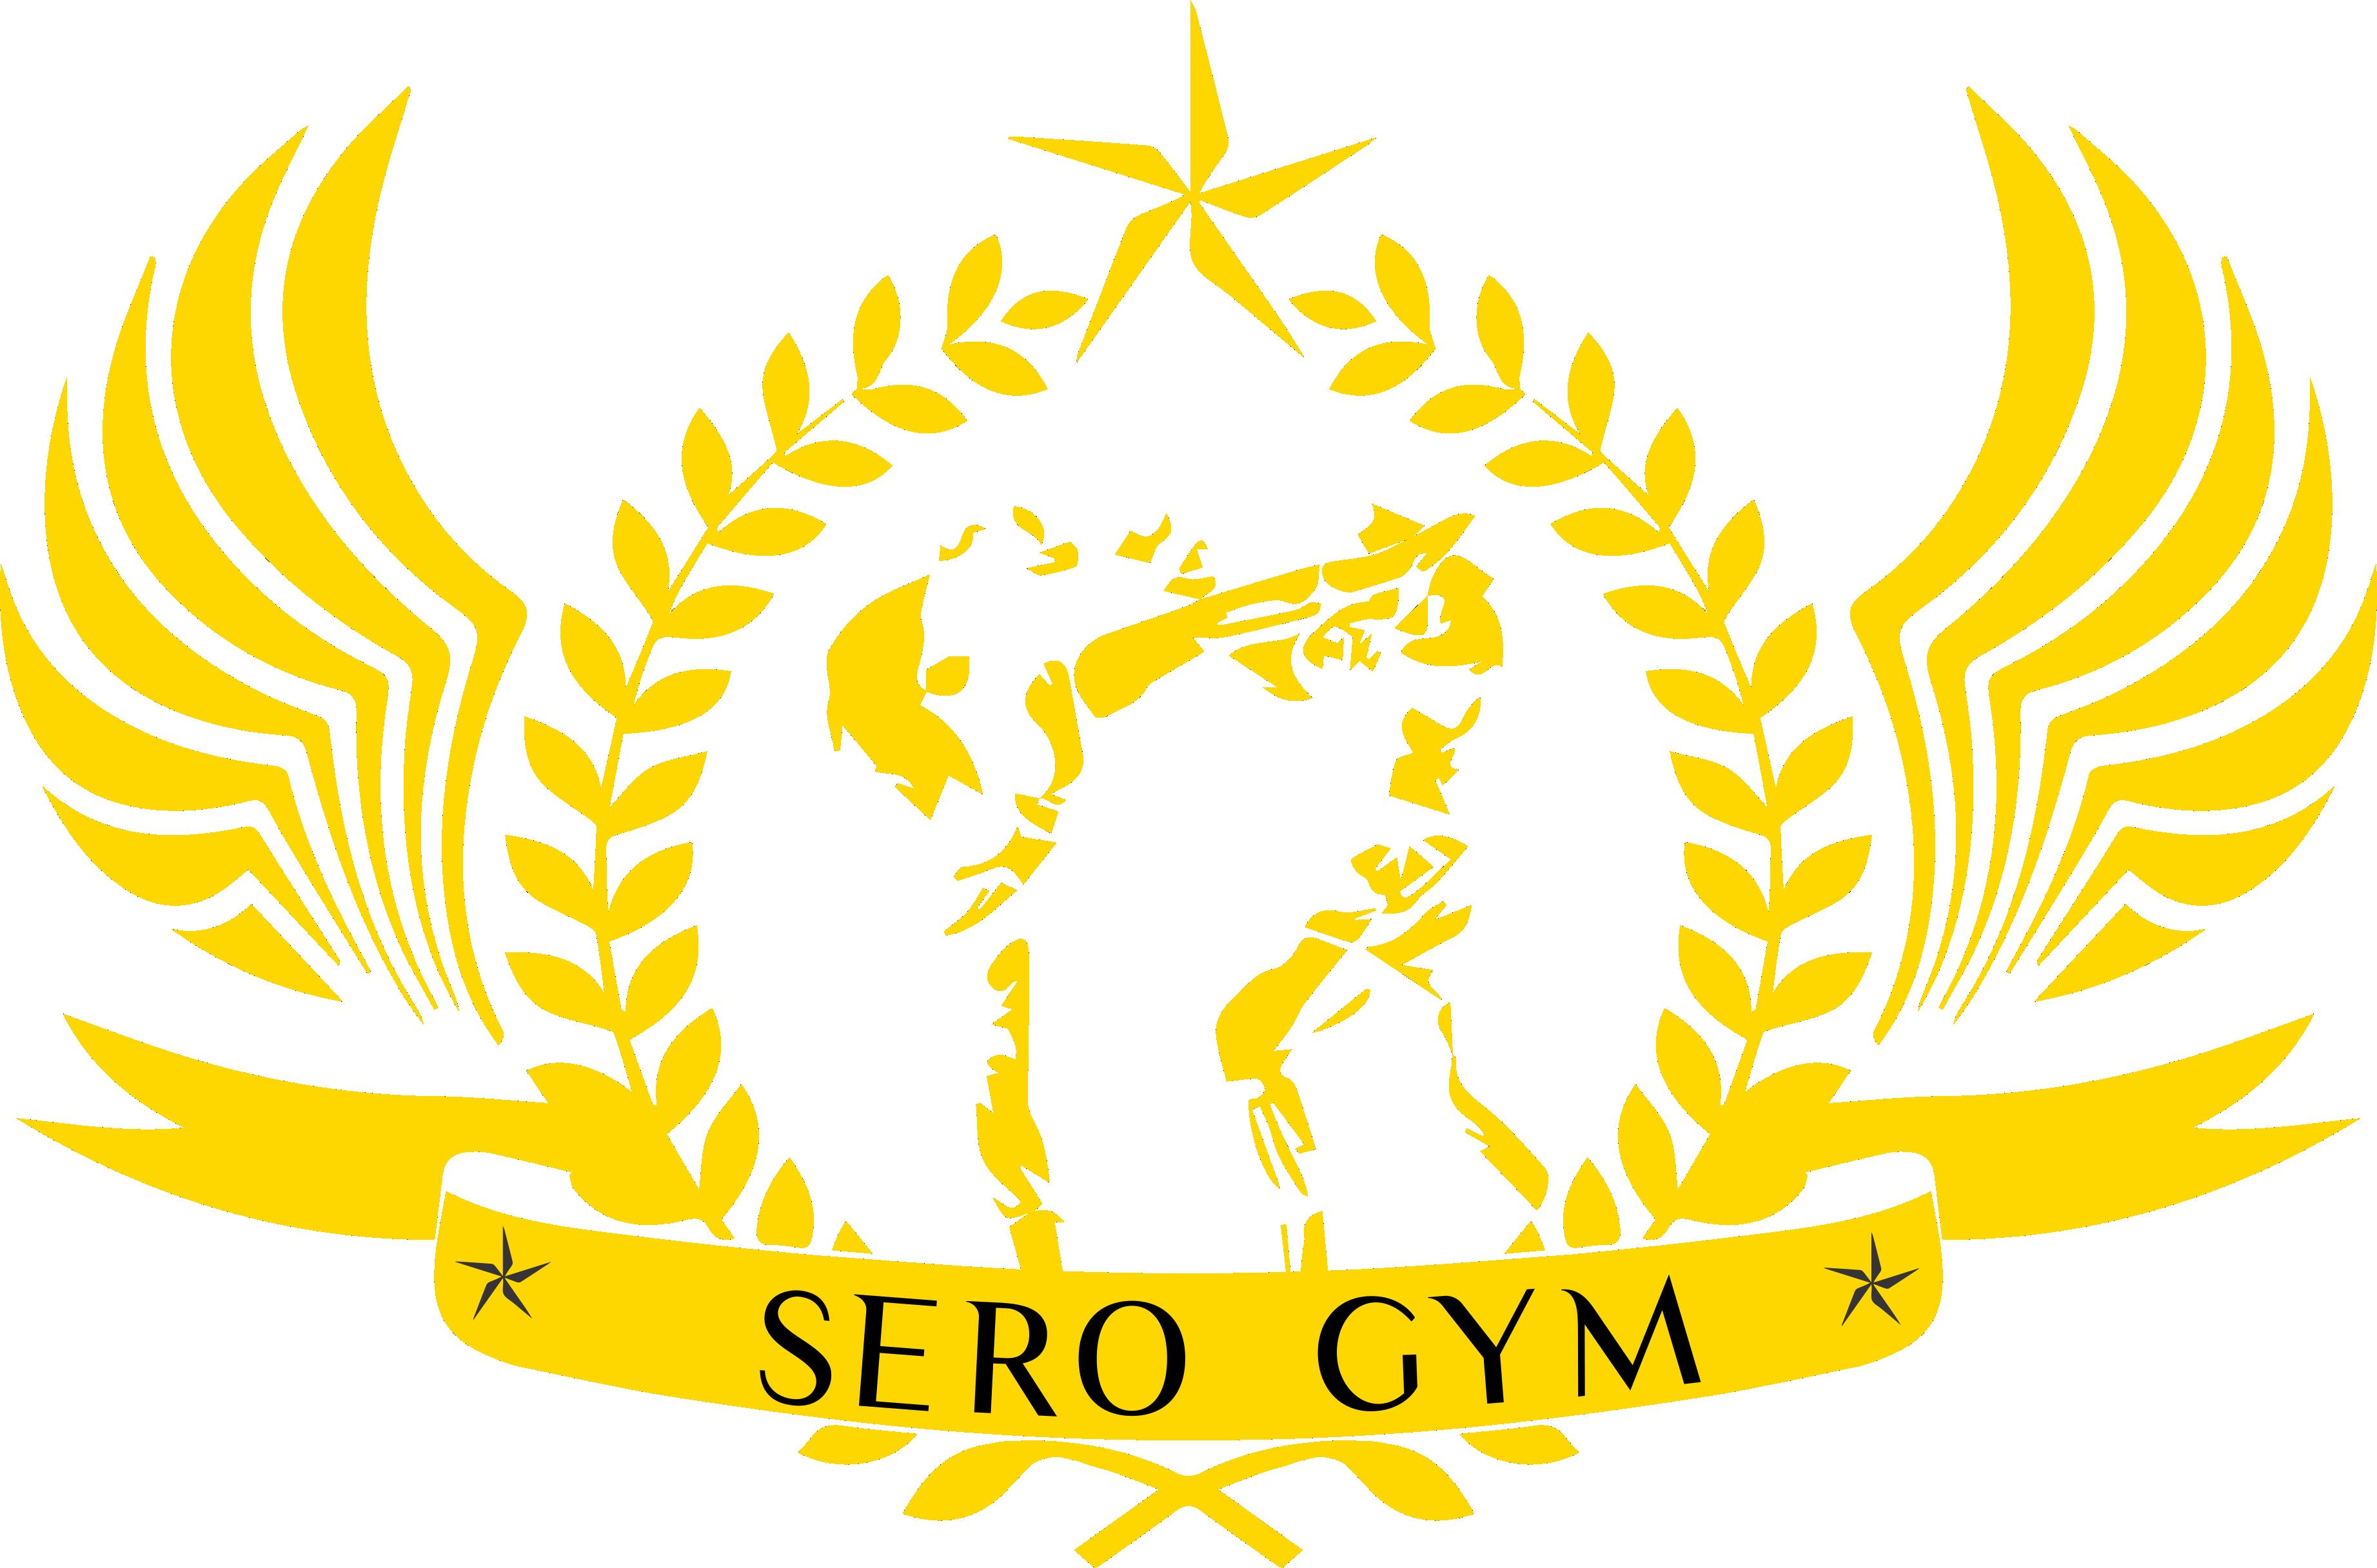 www.serogym.nl